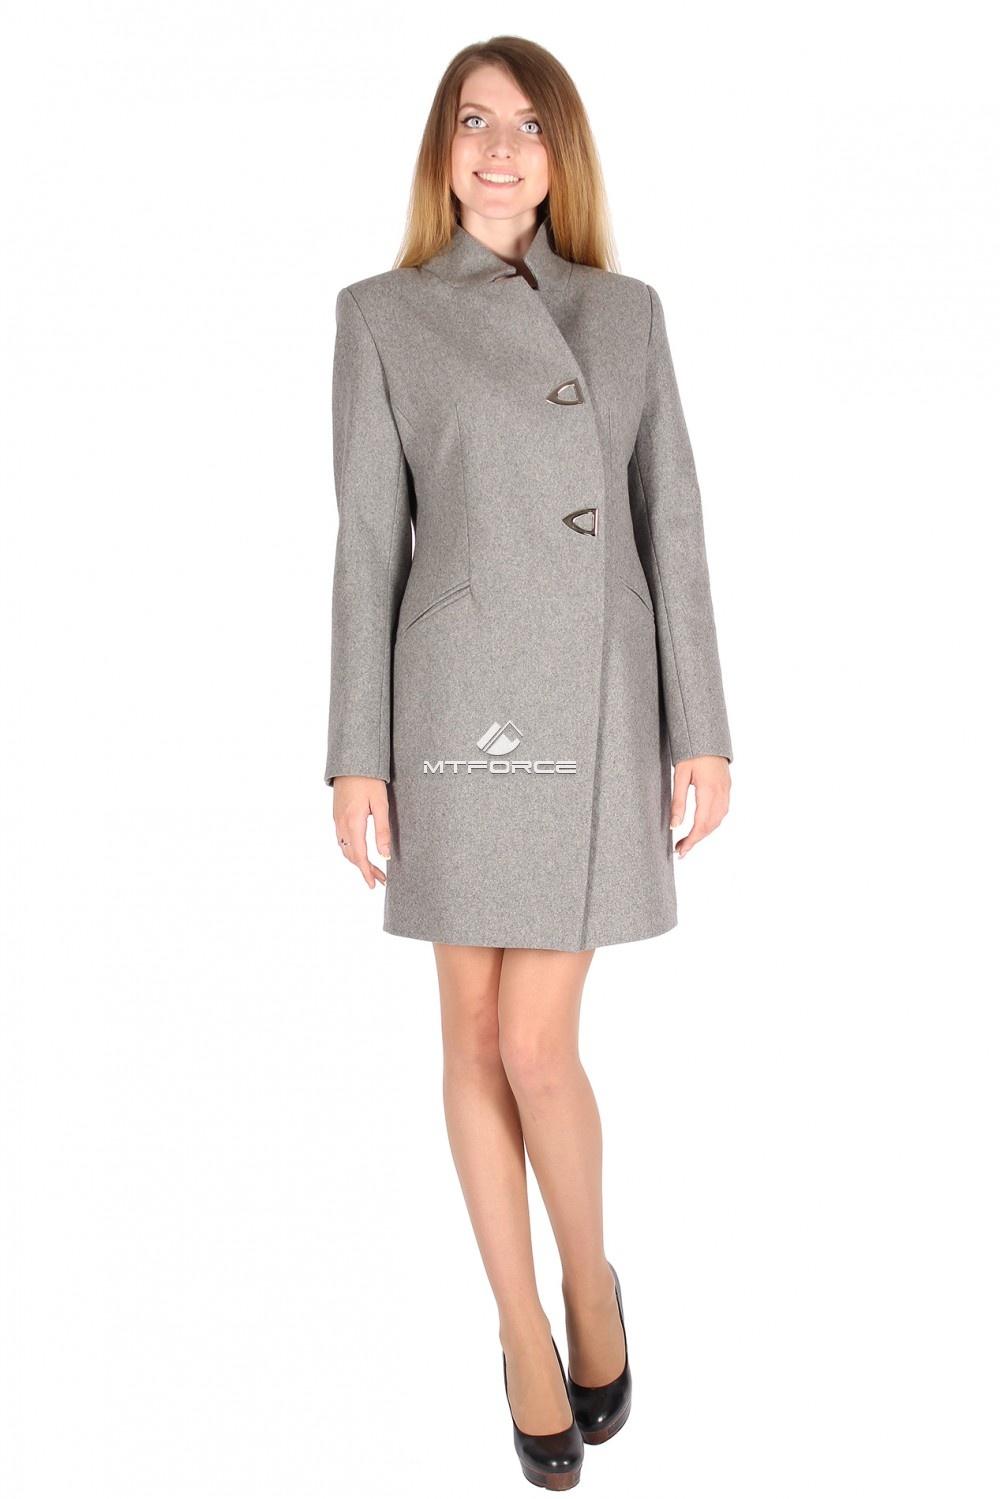 Купить оптом Пальто женское серого цвета 16269Sr в Санкт-Петербурге